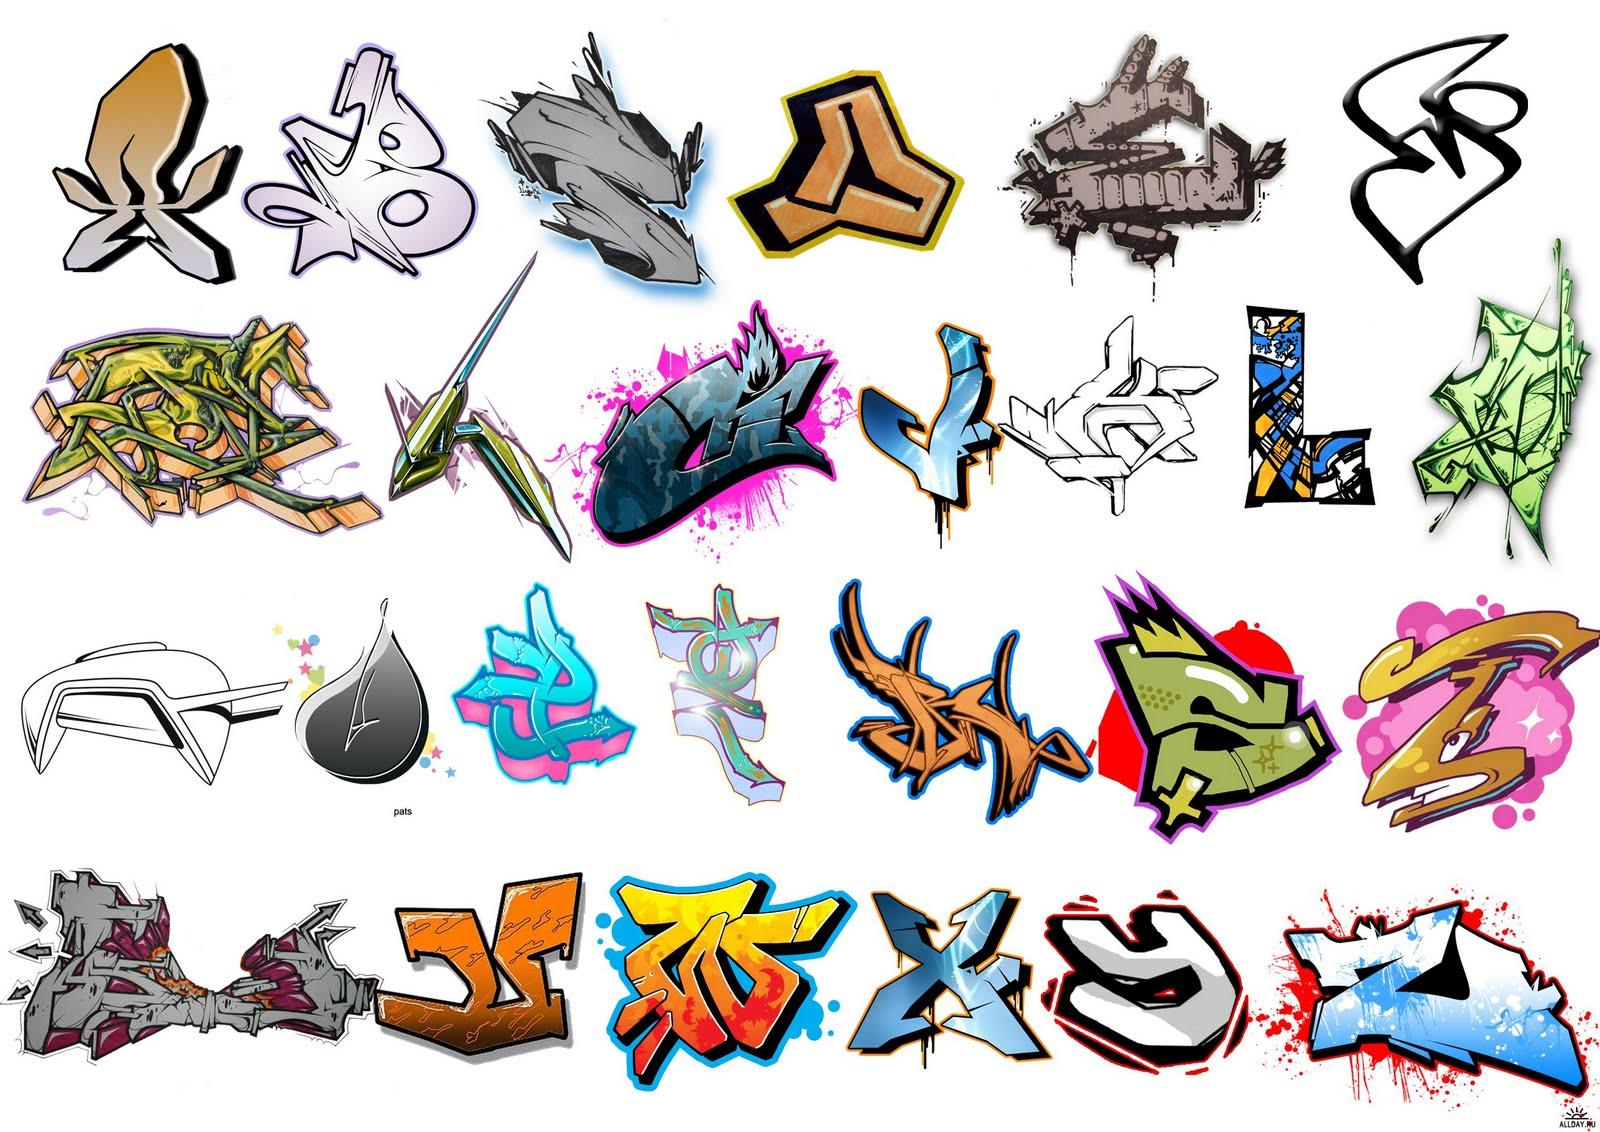 http://1.bp.blogspot.com/_36SFFFDlygA/S-tMZfWuFrI/AAAAAAAAGGI/v6gujyOVTOg/s1600/Graffiti%20Alphabet%20Brush%20%20Letters%20A-Z%20by%20Adeptizm.jpg